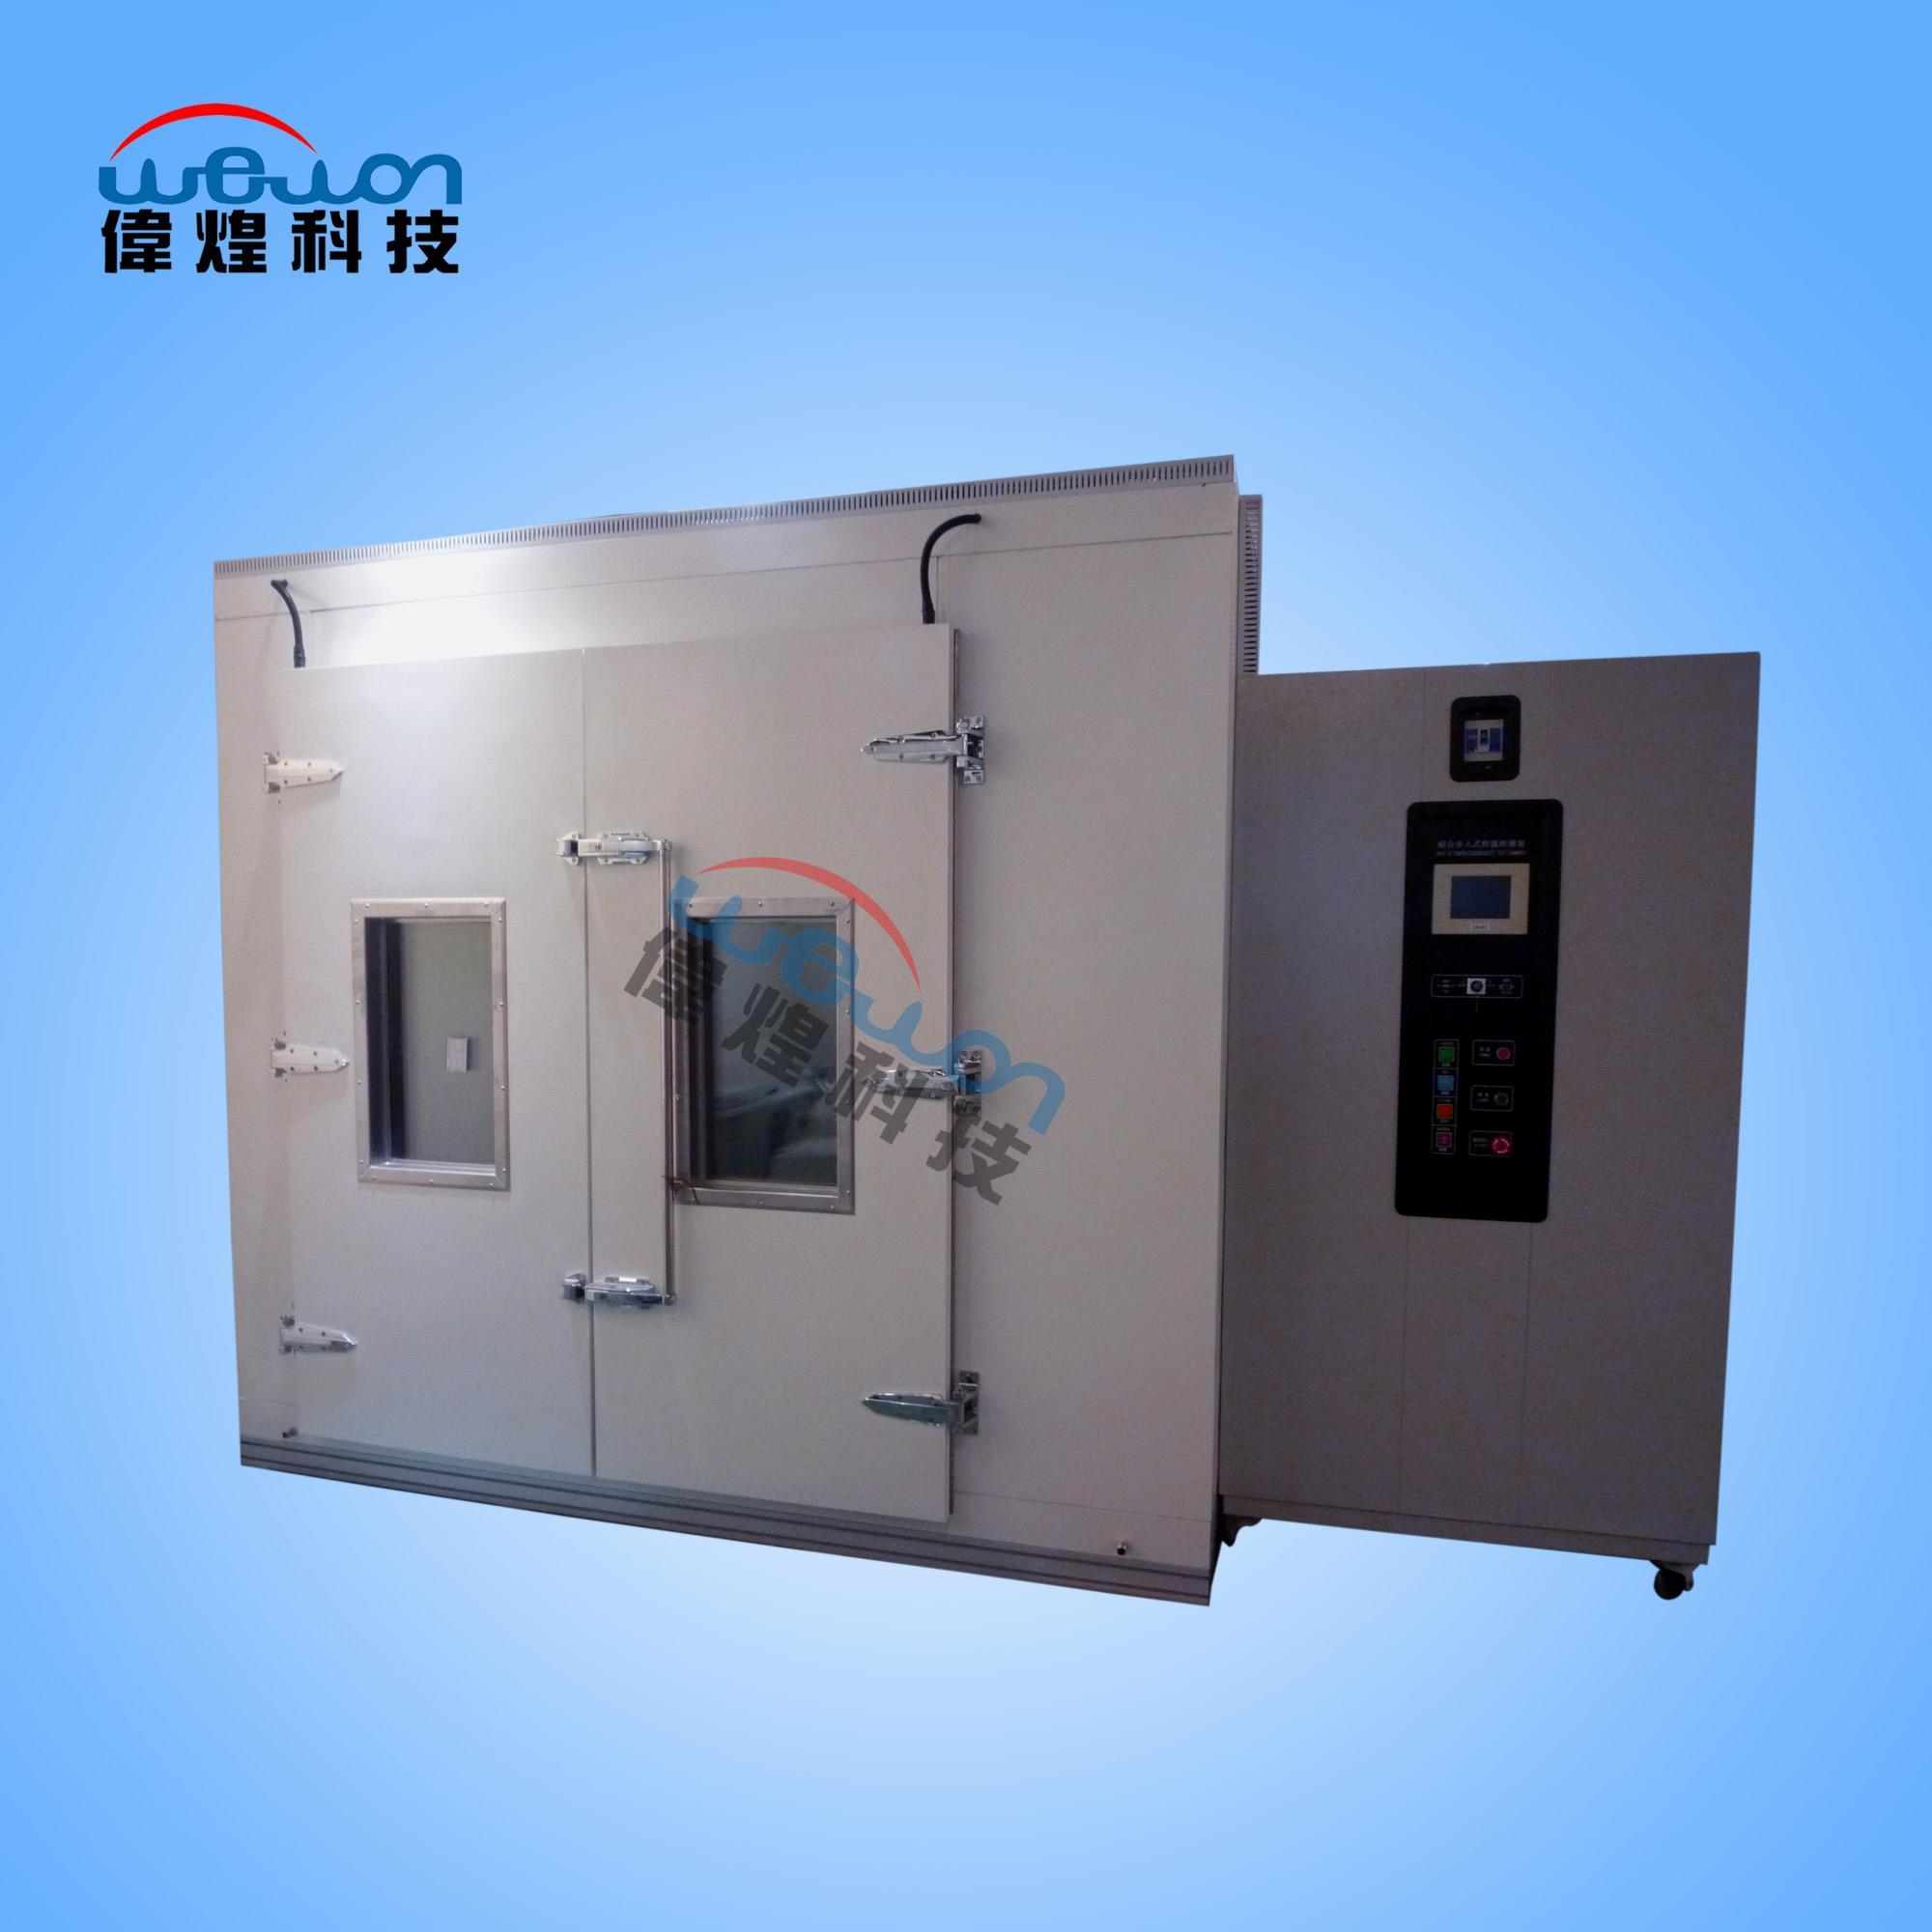 步入式恒温恒湿室WT-8.0